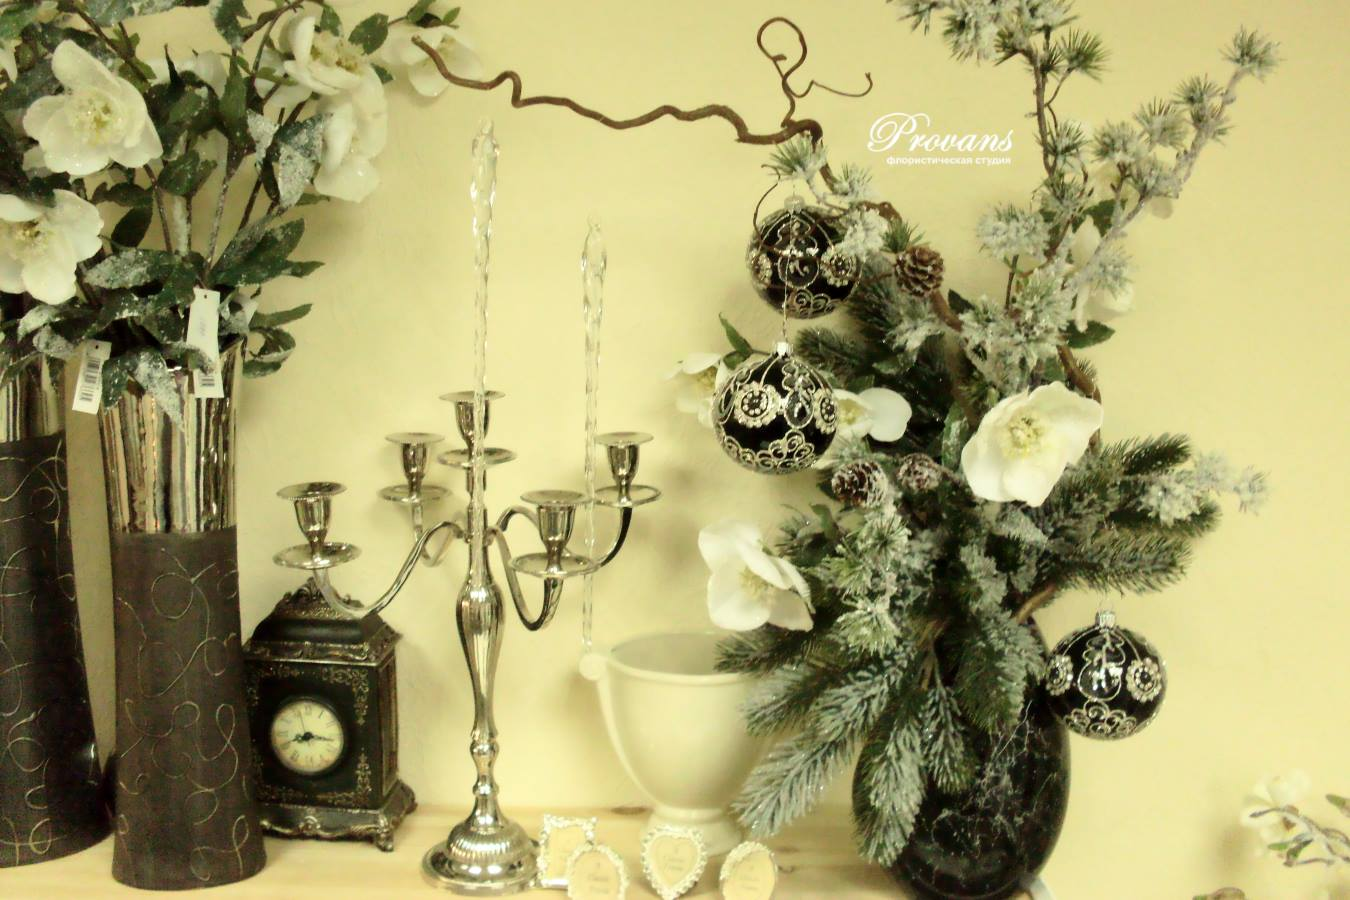 Новогодняя композиция. Искусственная ель, цветы, декор